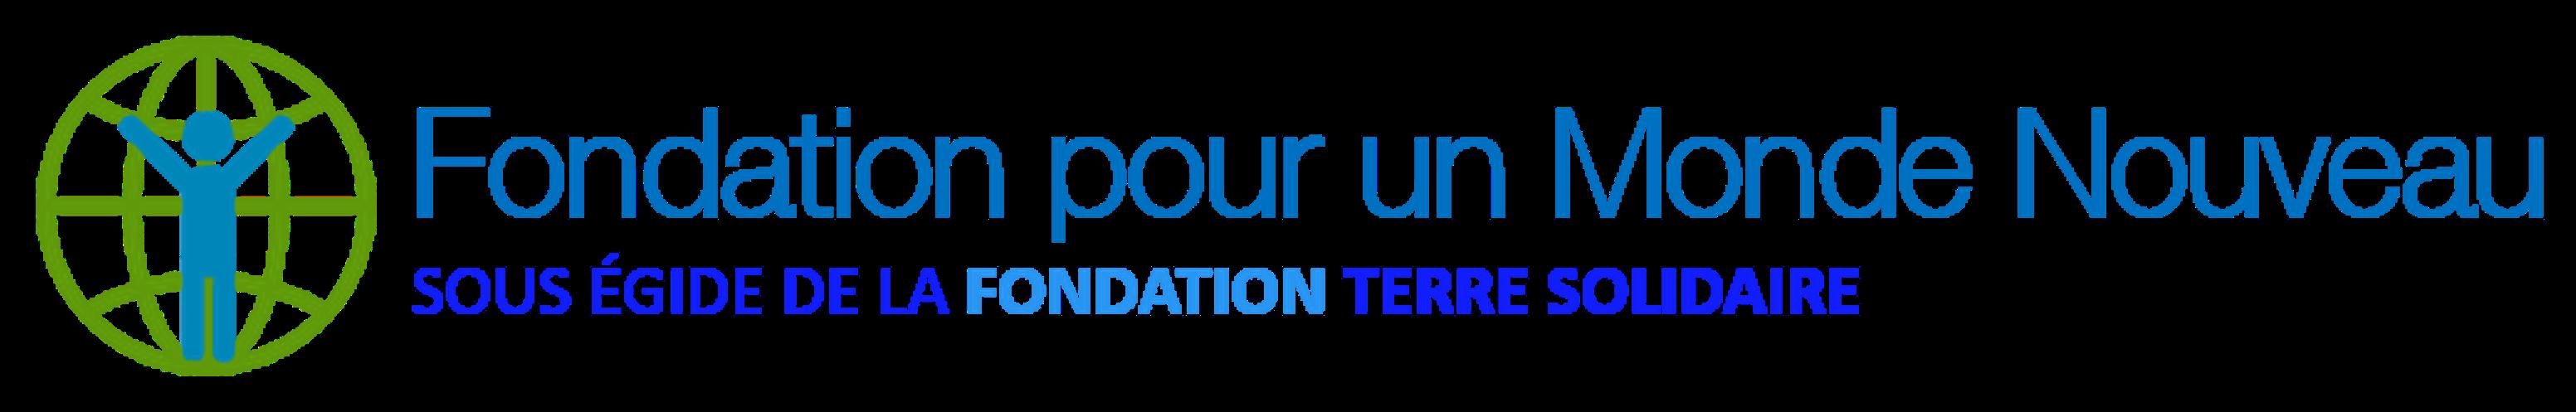 Fondation pour un Monde Nouveau